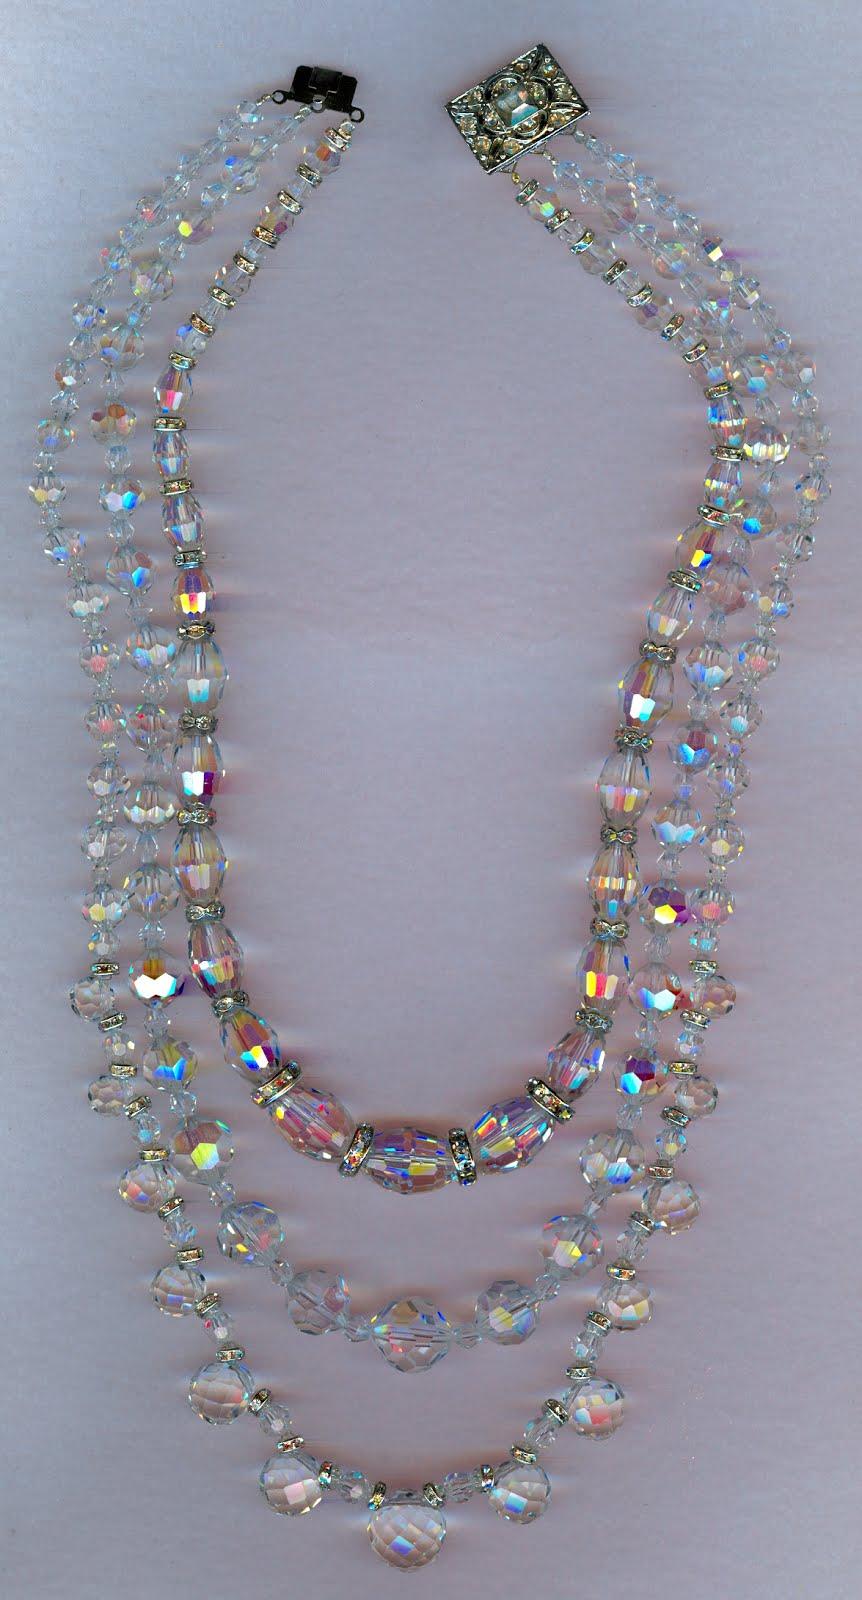 Crystals galore